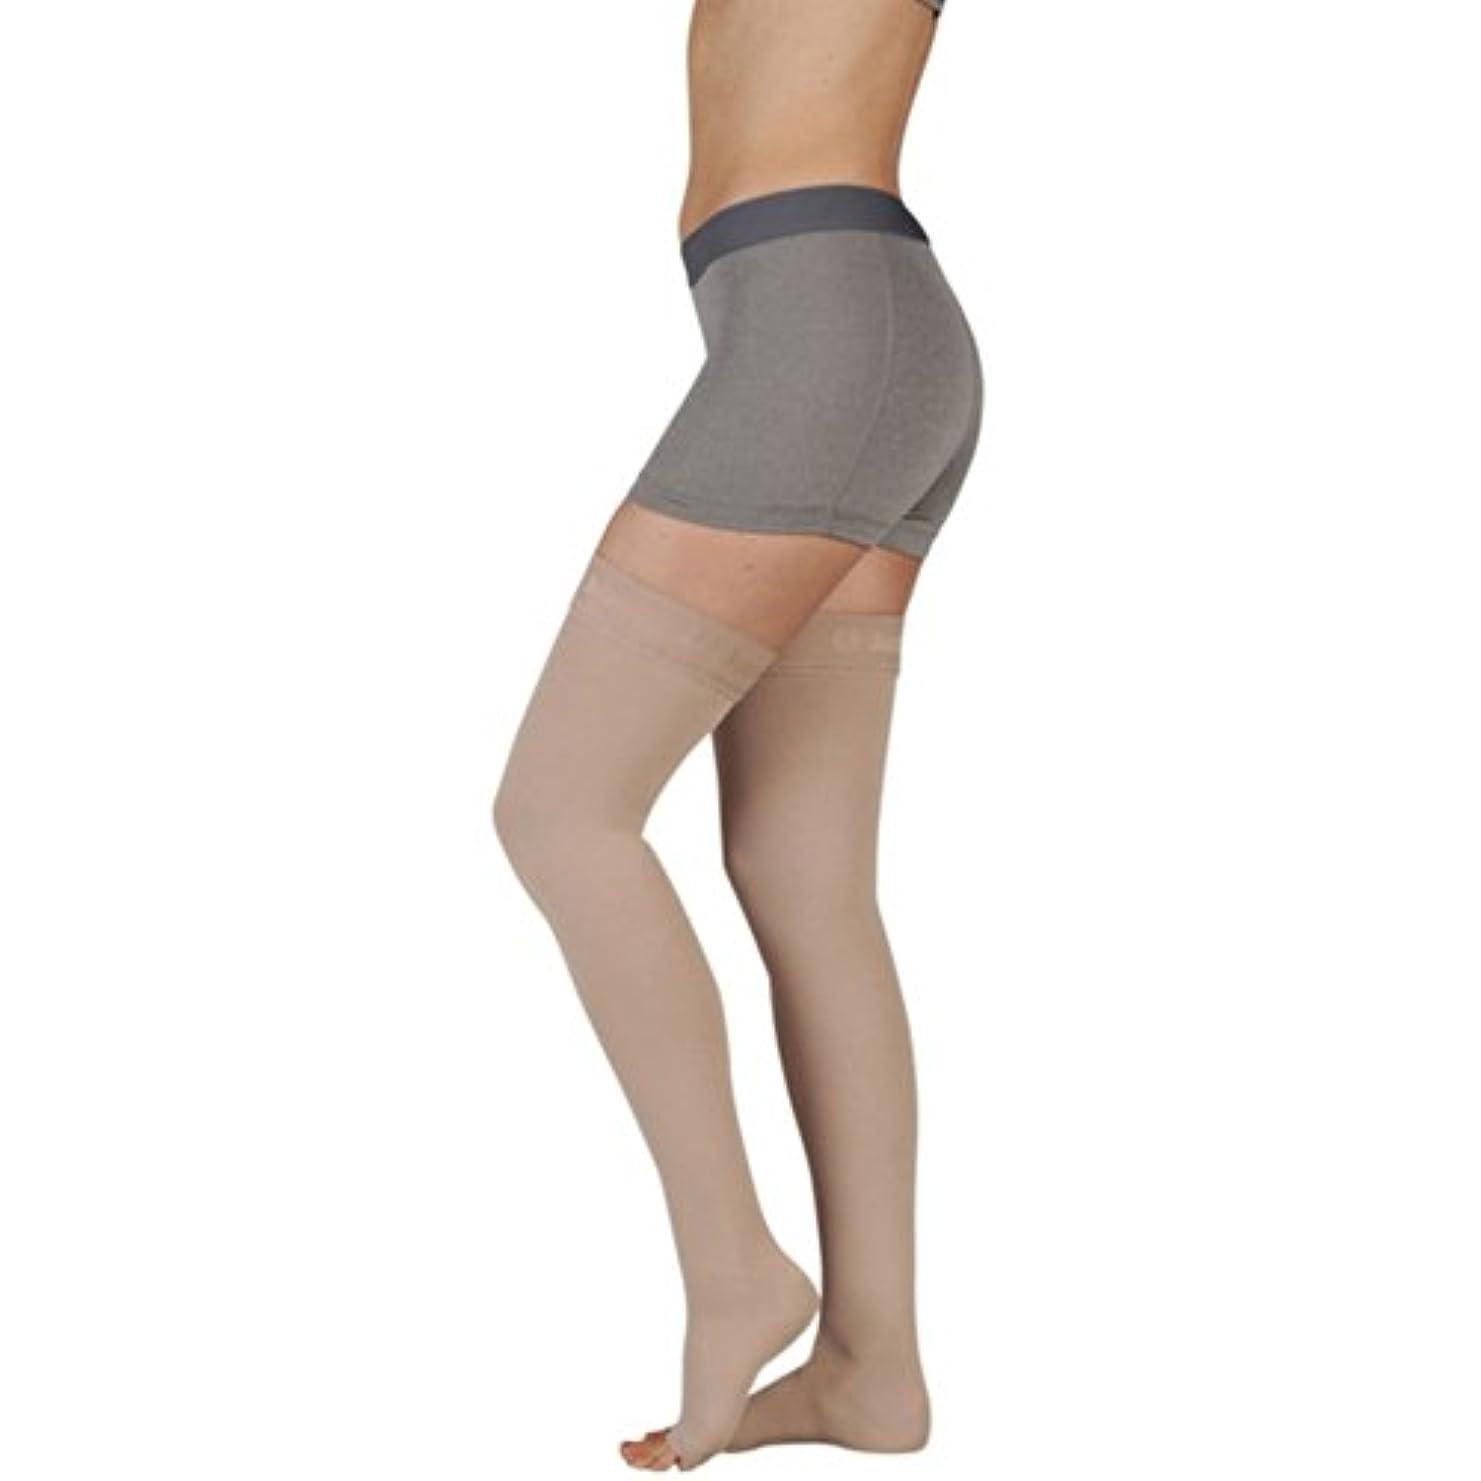 卒業記念アルバム支店レインコートJuzo Soft Thigh High With Silicone Dot Band 20-30mmHg Open Toe, III, Black by Juzo